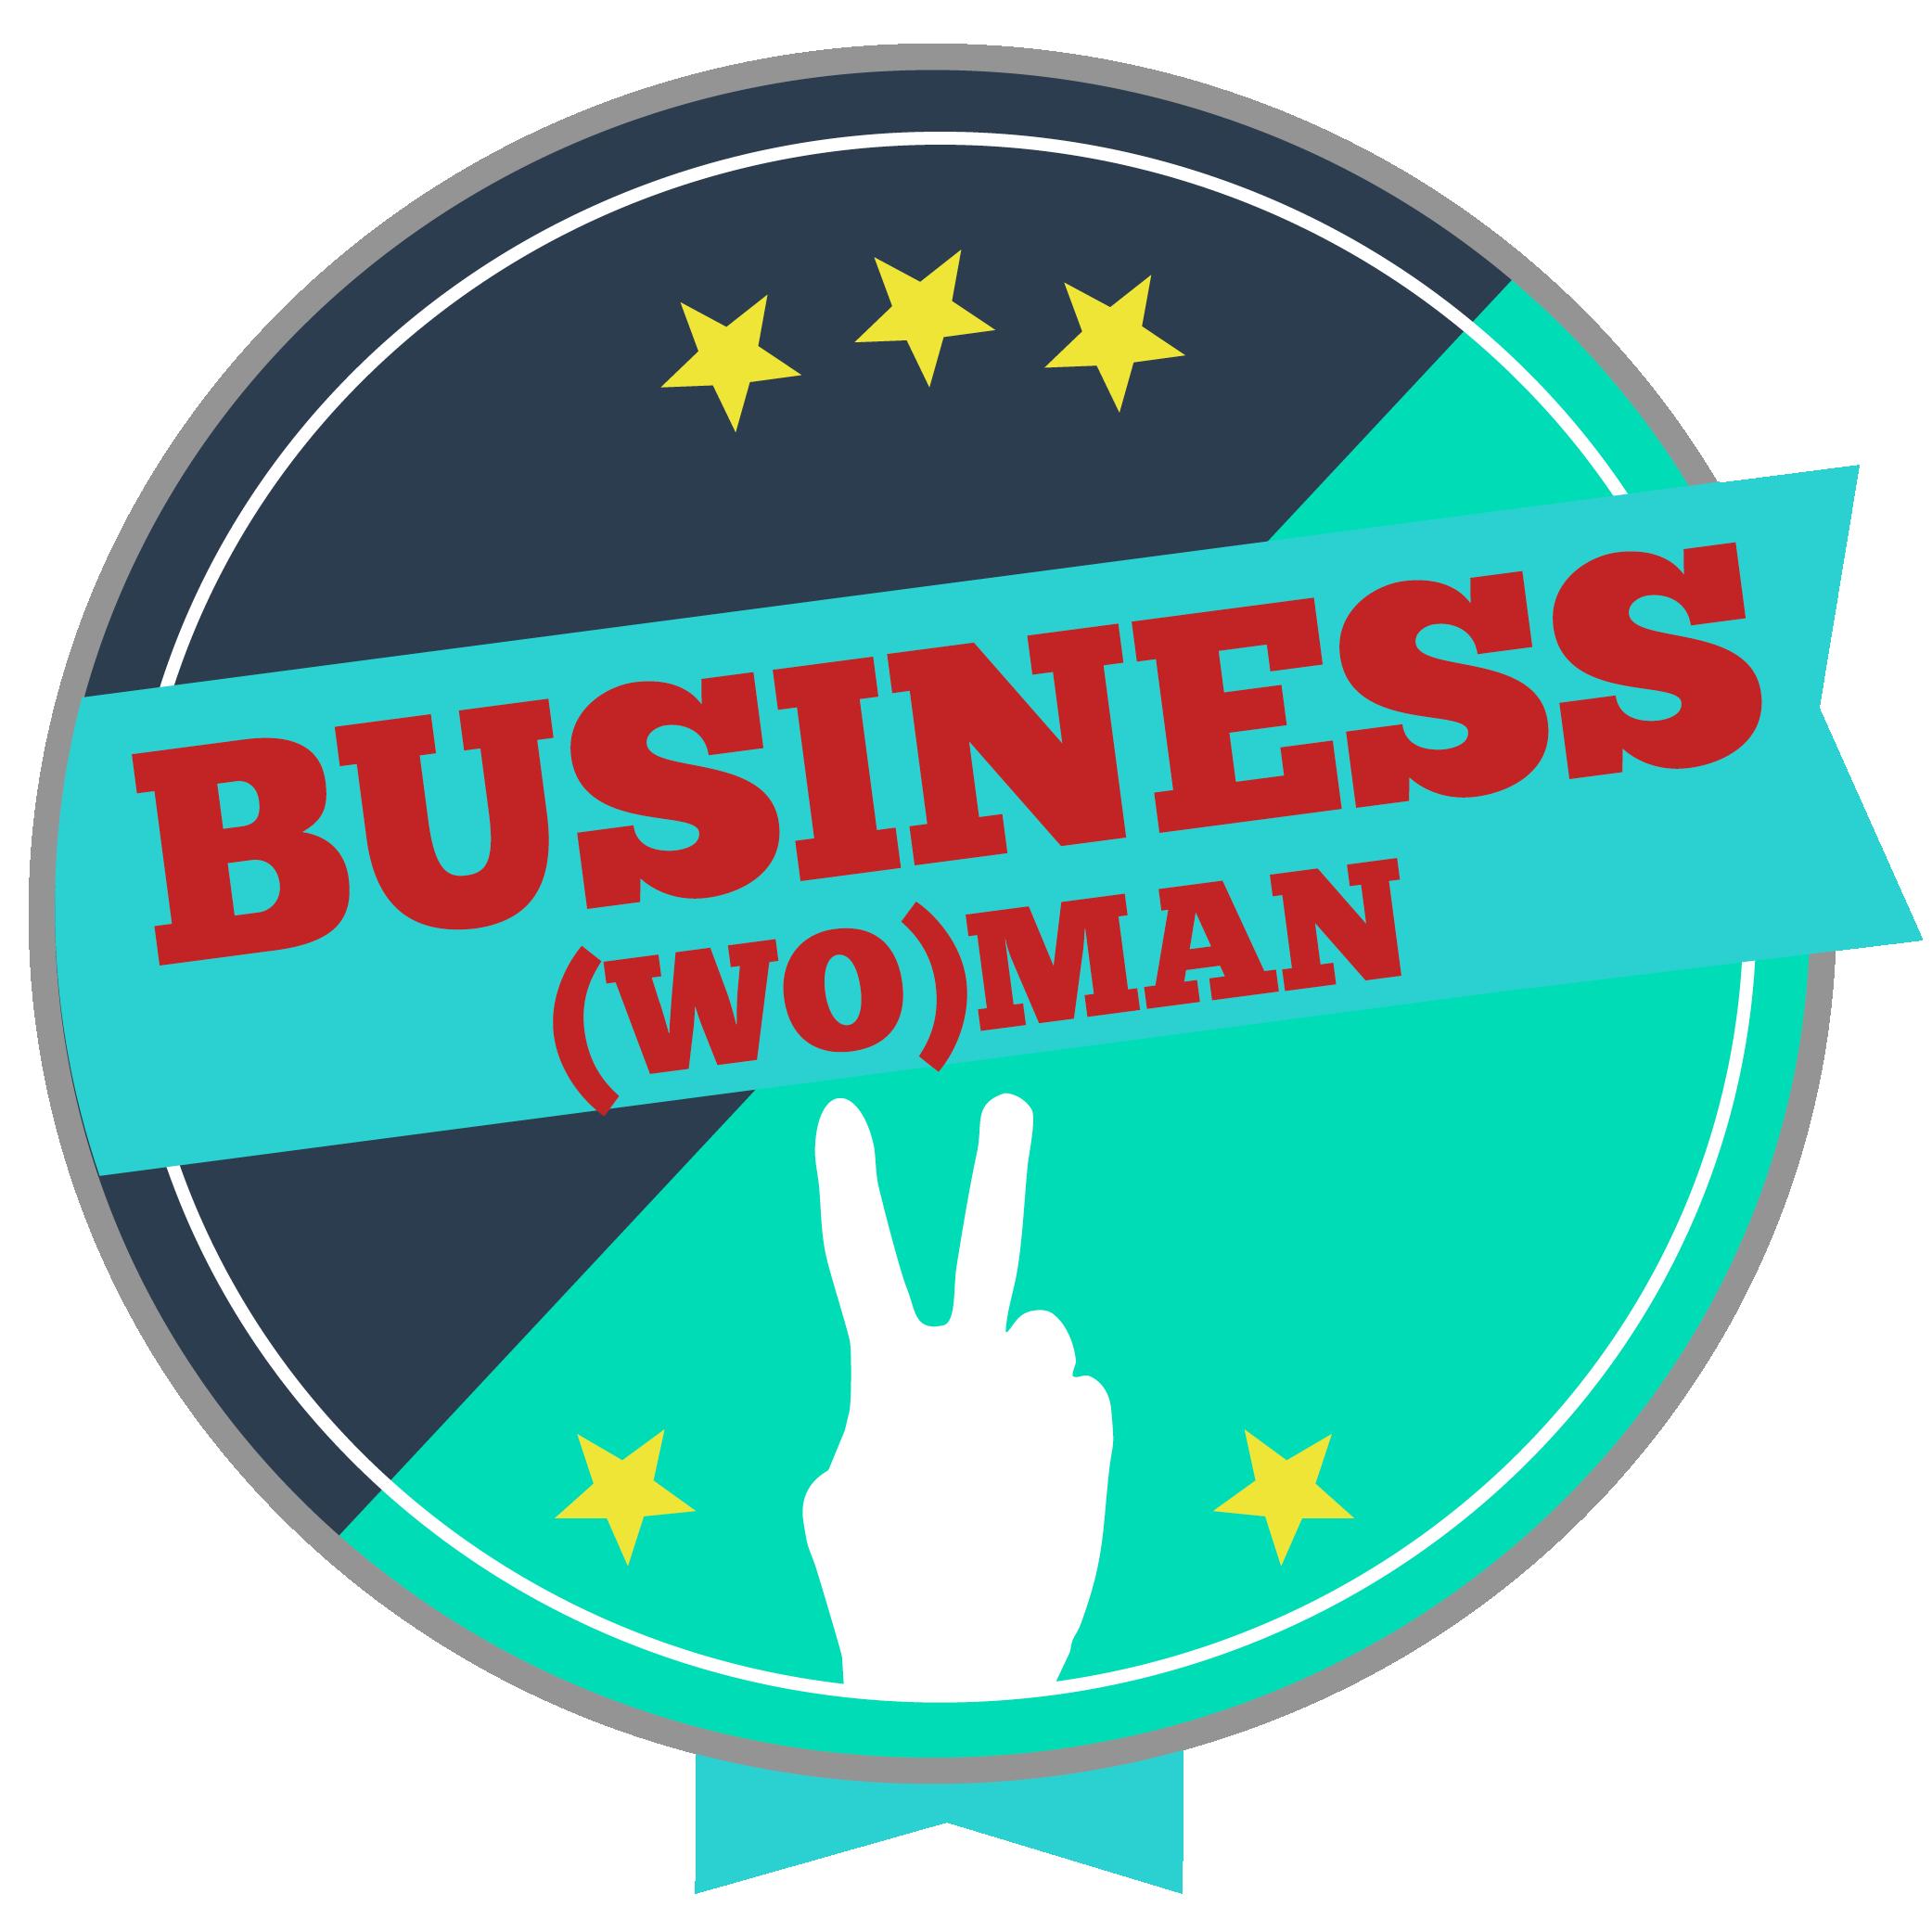 Business(wo)MAN